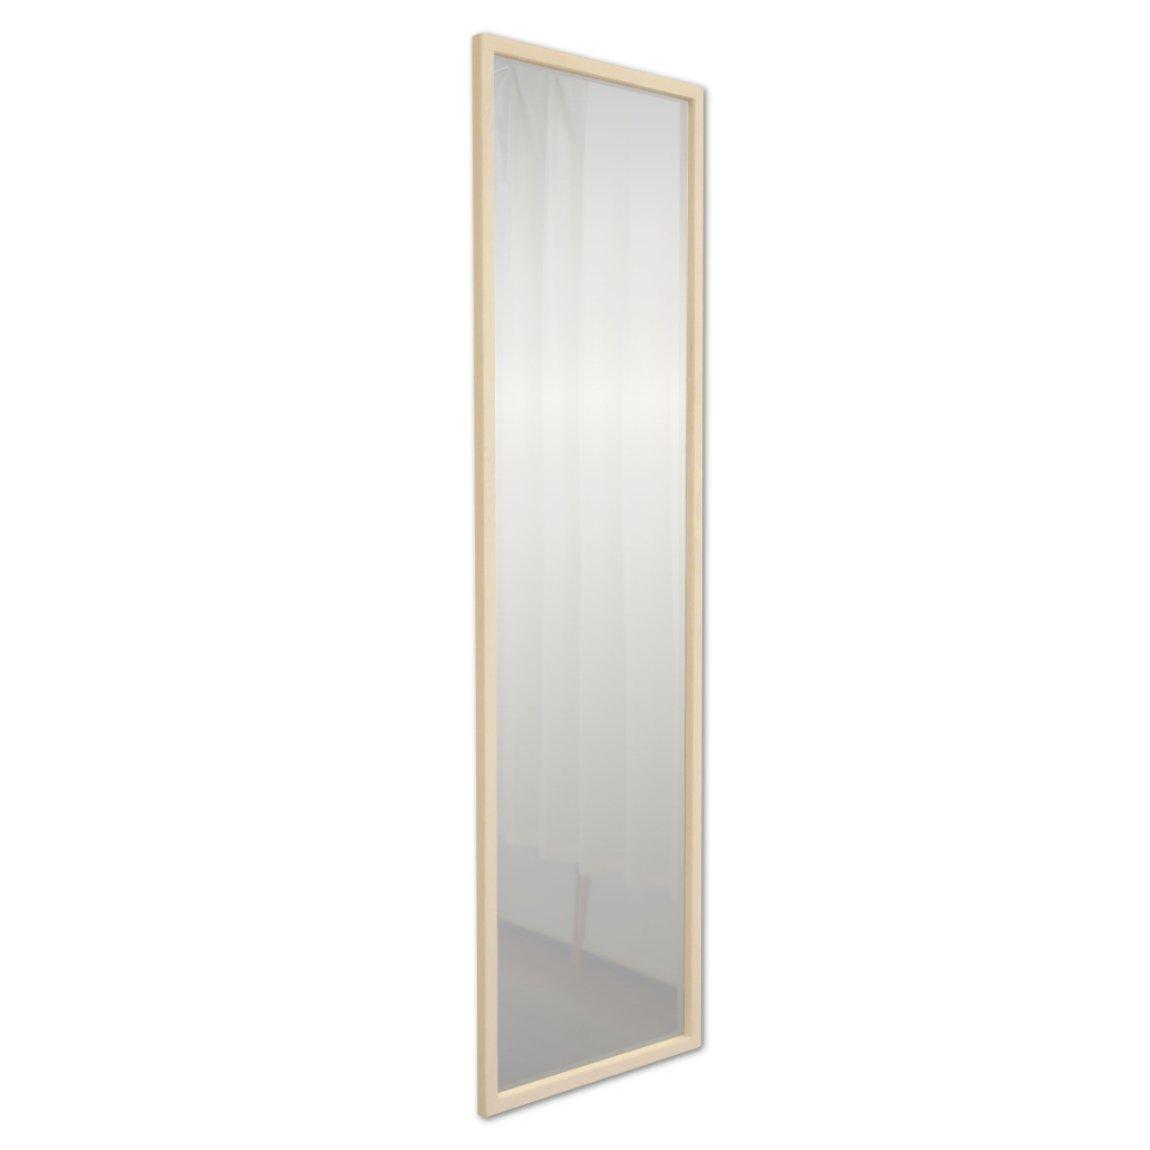 NaturalHouse 日本製 ミラー 鏡 アンティーク ウォールミラー 木製 フレーム ( 幅 33.5 奥行 2 高さ 120 cm ) 飛散防止 ( WH ホワイト ) B074W4ZD9J WH ホワイト WH ホワイト